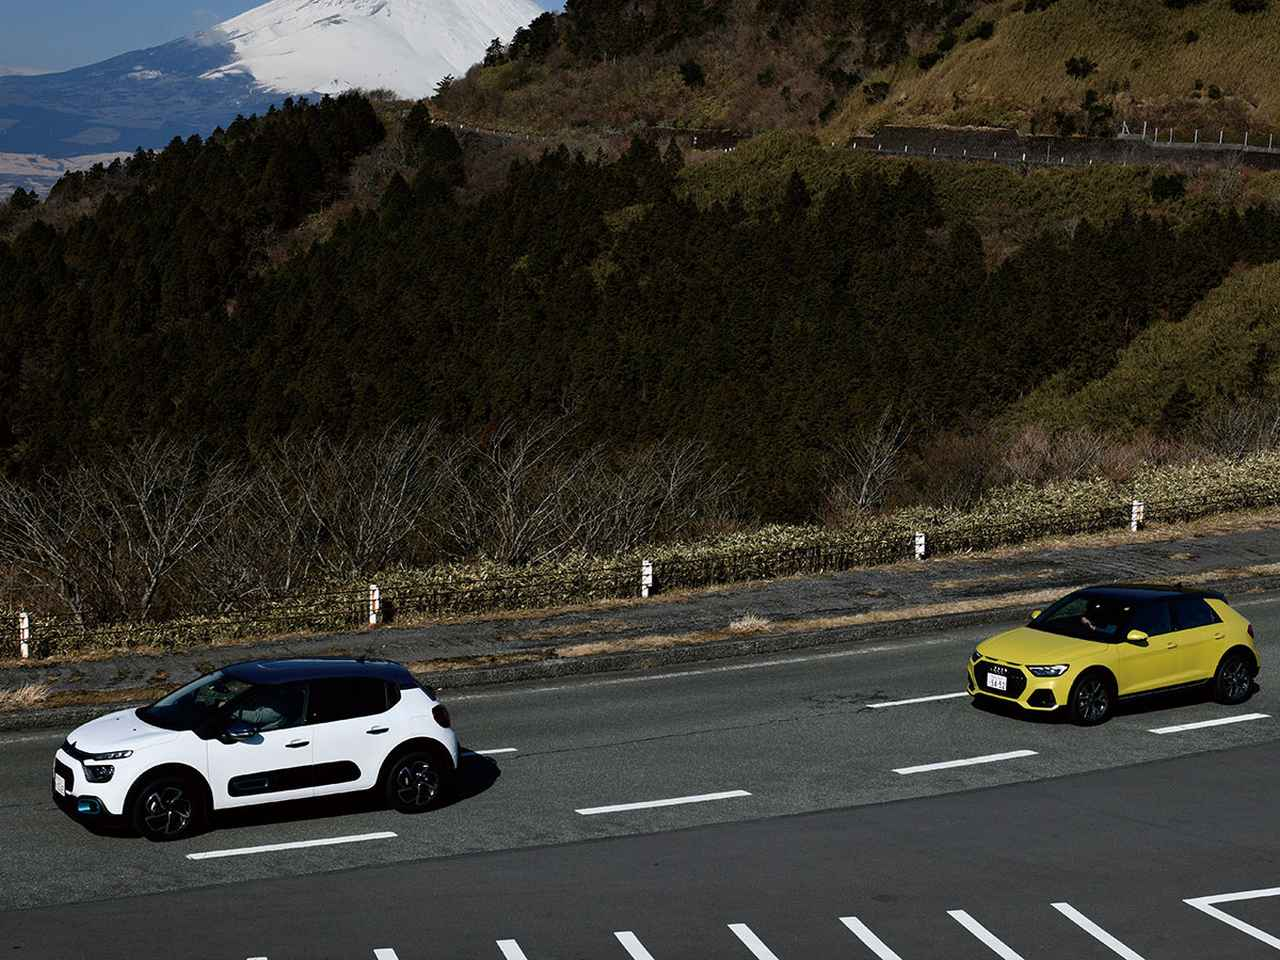 画像: それぞれの主張が色濃く出ている両モデルのフォルム。見ているだけでも楽しい。(左C3/A1シティカーバー)